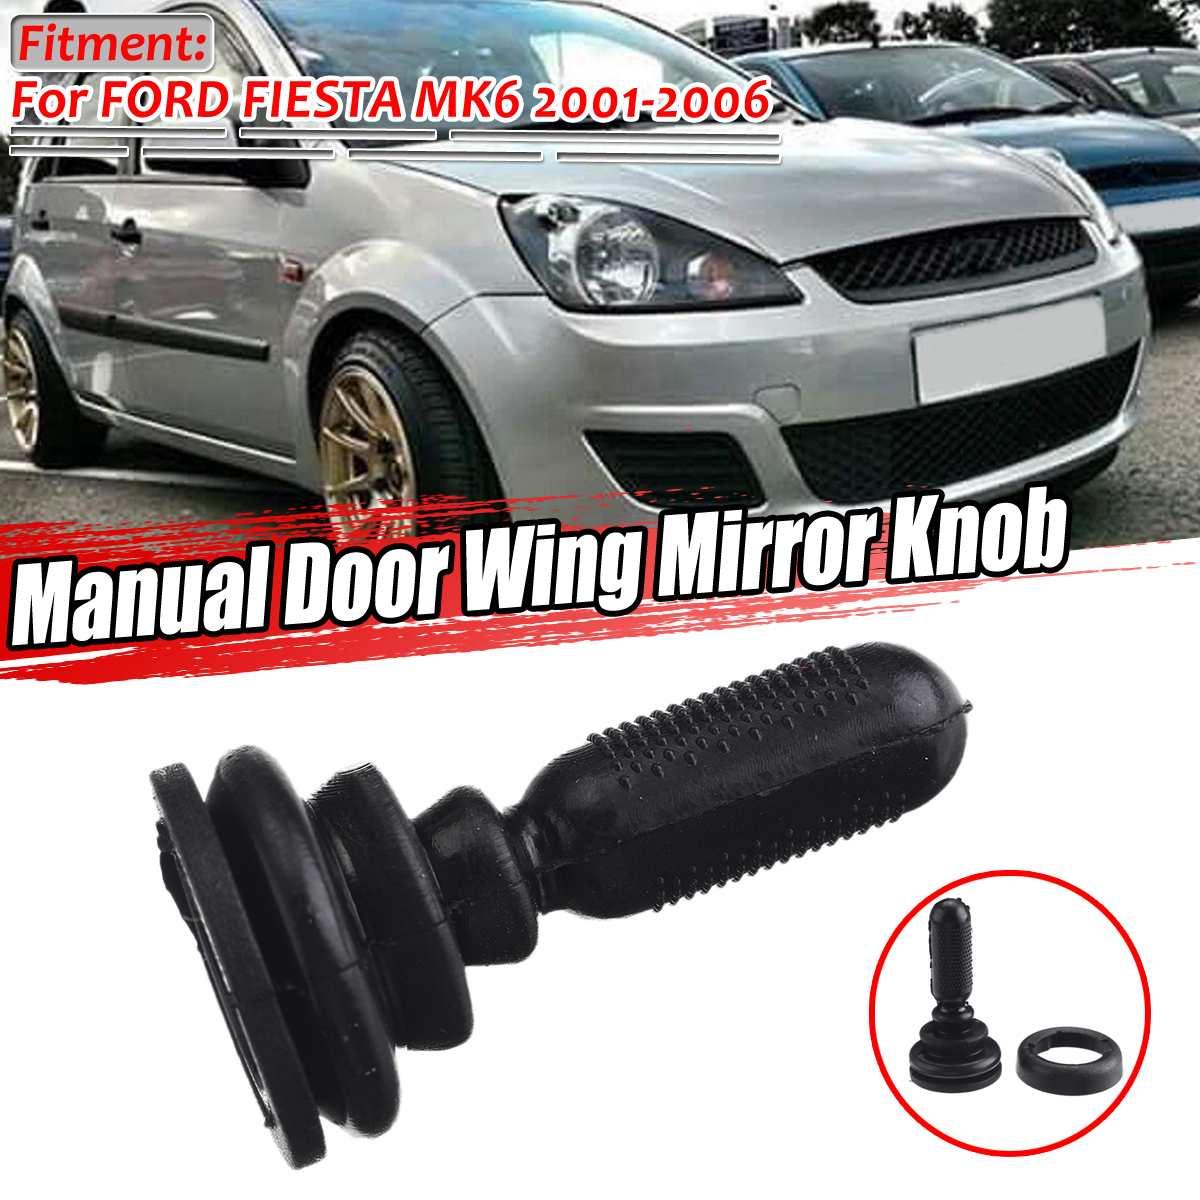 Manopla de espelho retrovisor para ford, botão esquerdo ou direito para fiesta mk6 2001-2006 1507431